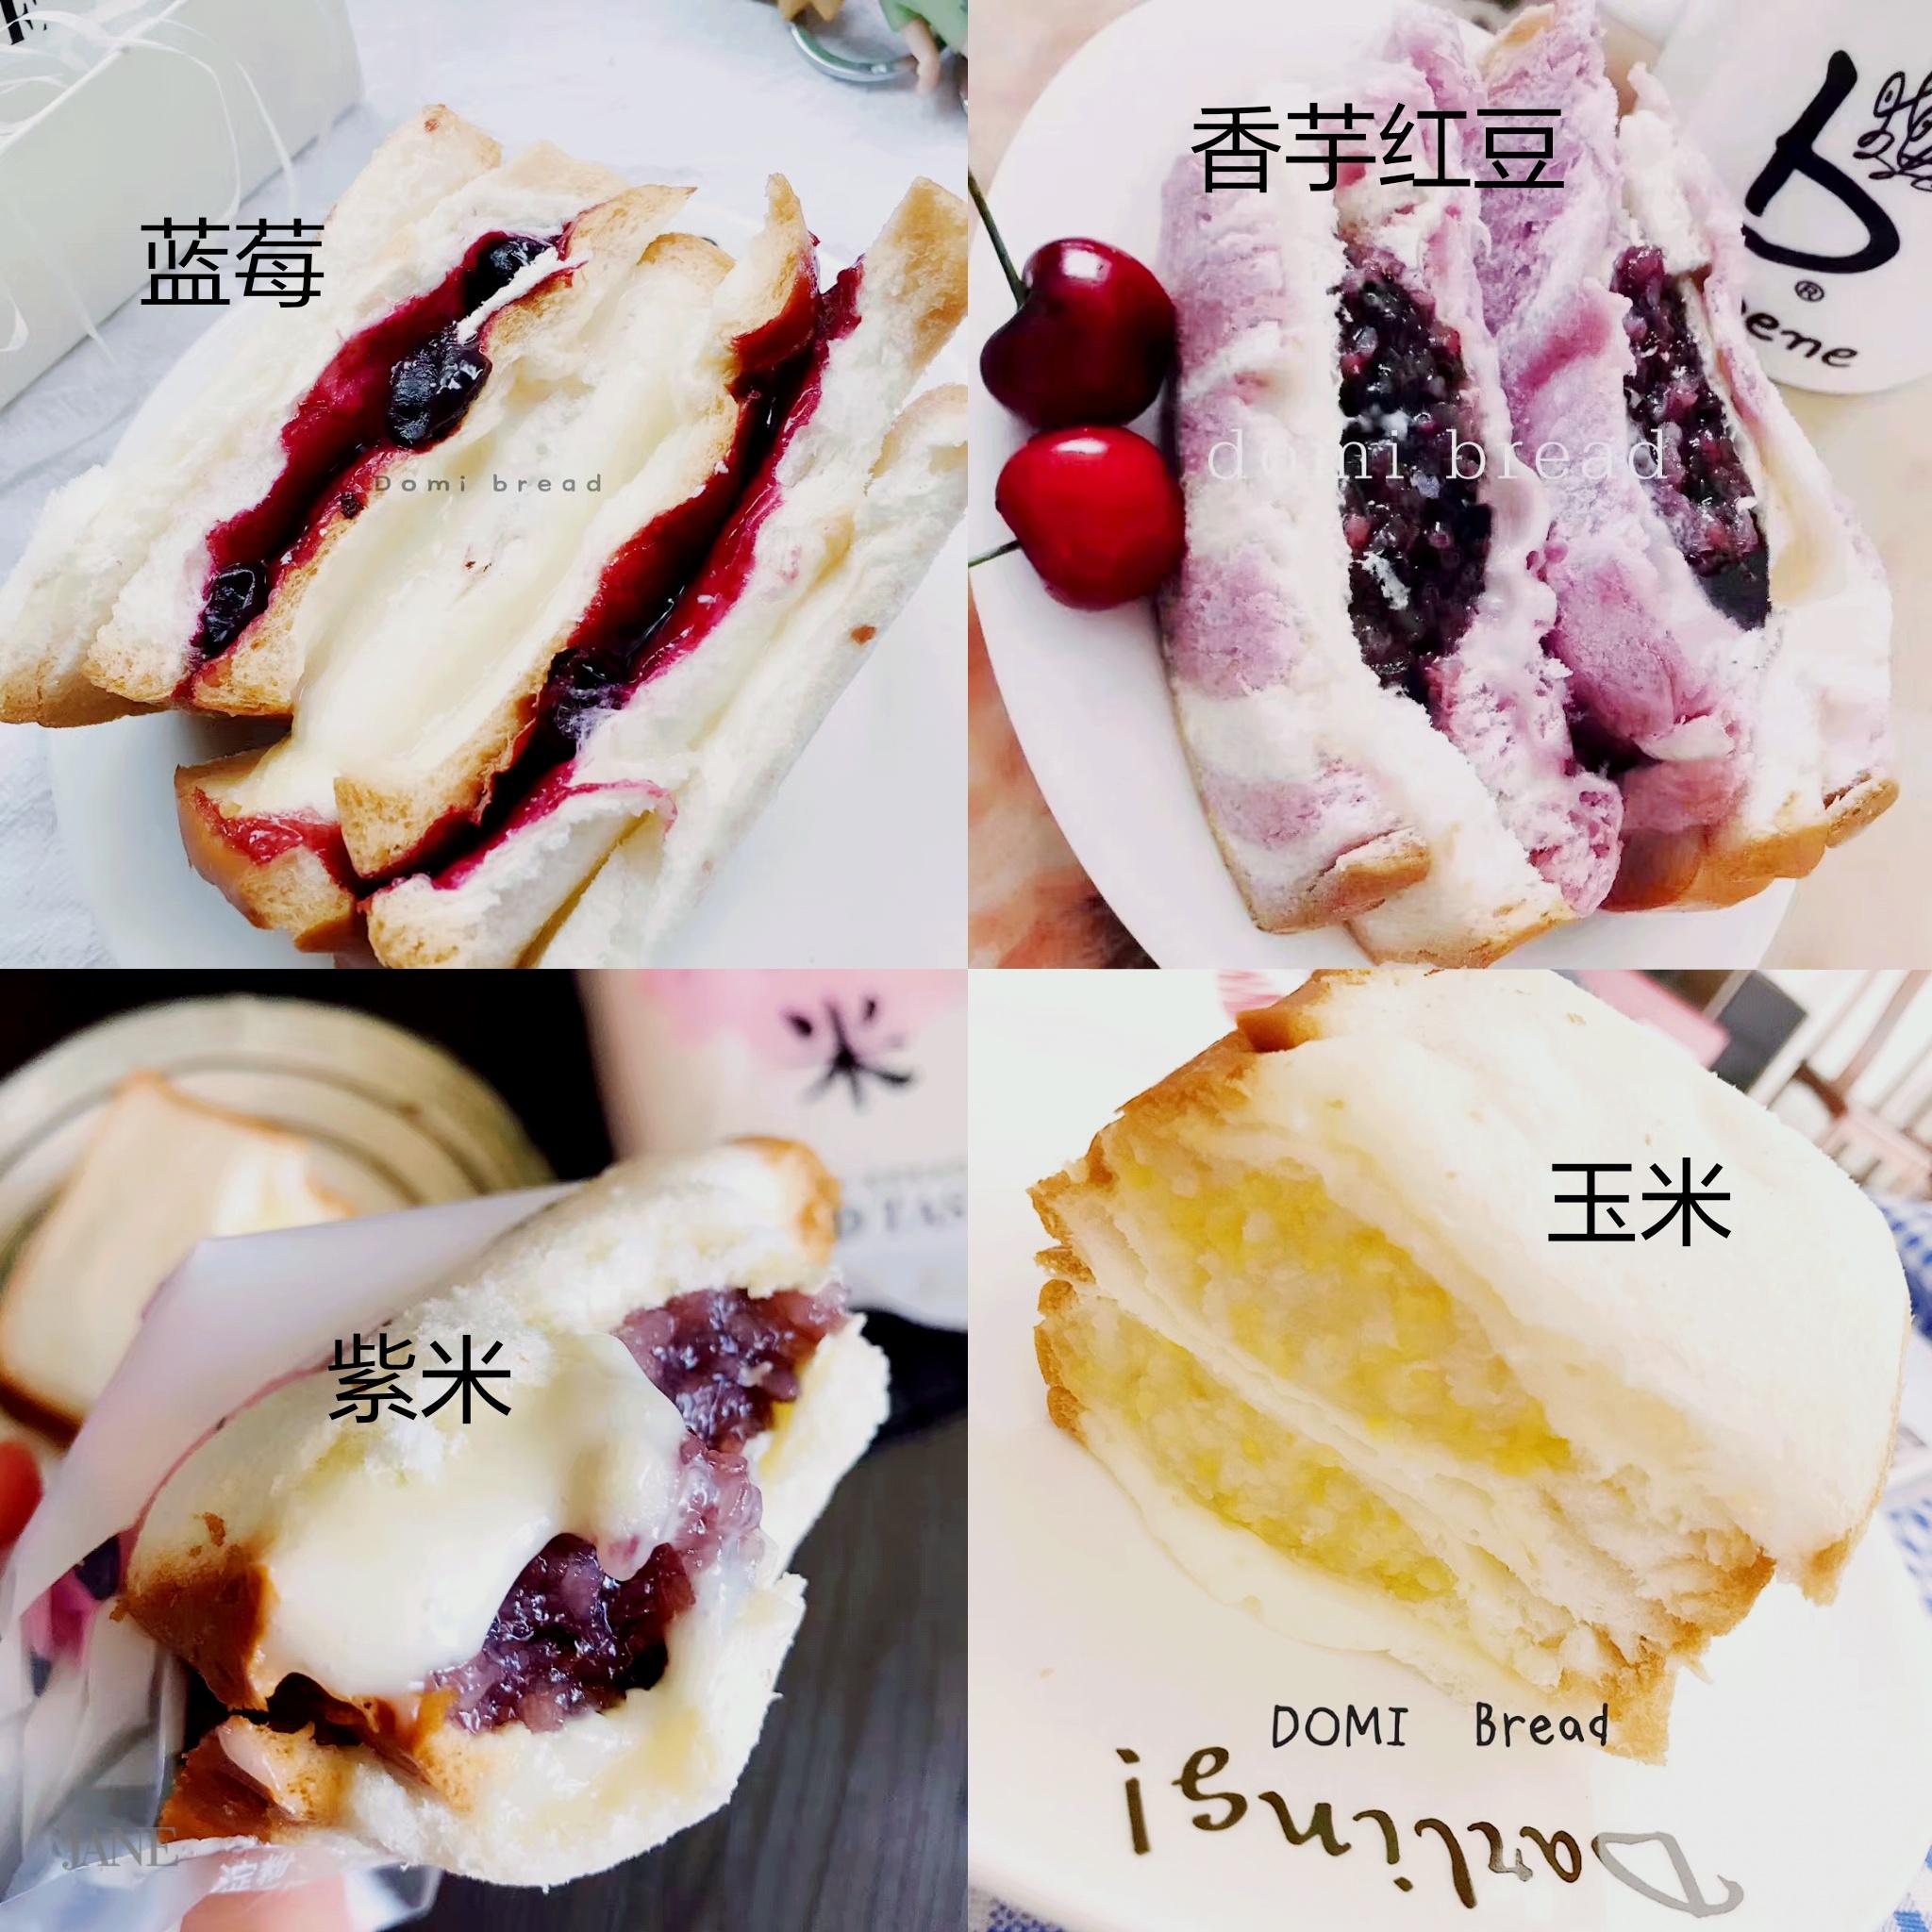 30.00元包邮中通包邮DOMI多米5个装四层紫米香芋红豆蓝莓奶酪面包零食早餐